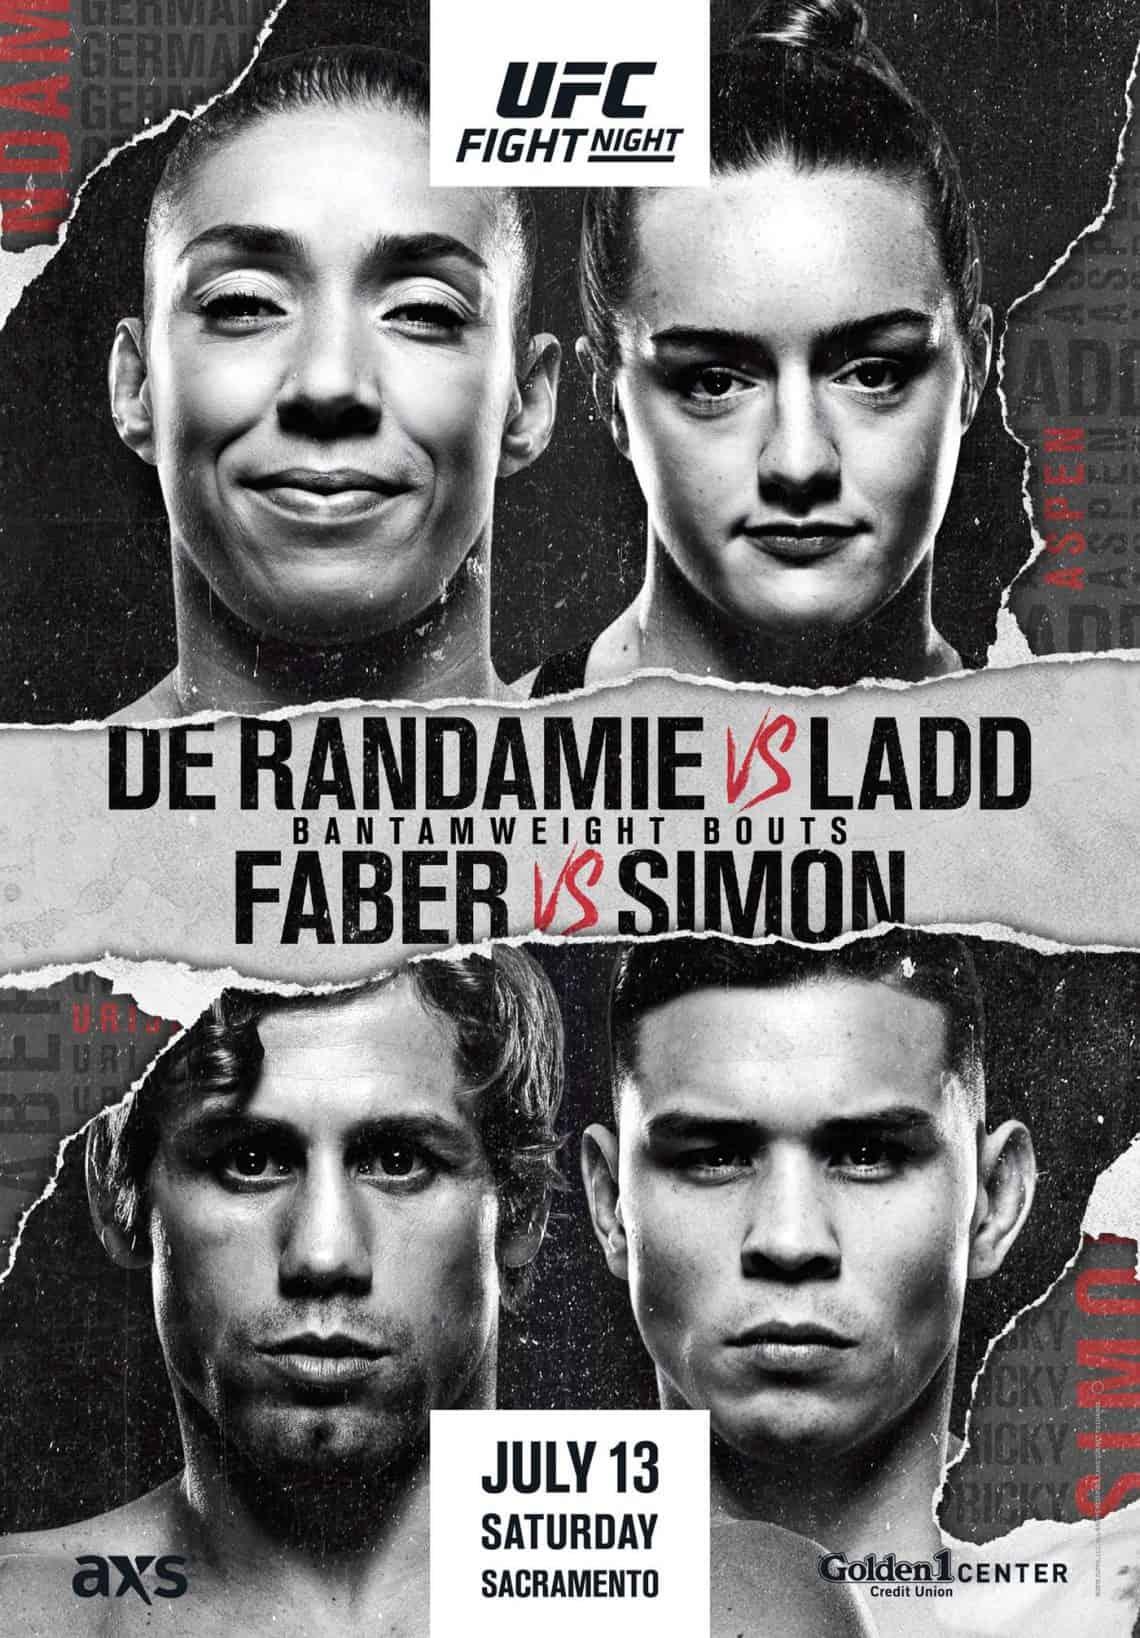 UFC Fight Night numero 155. UFC SACRAMENTO con Marvin Vettori 1